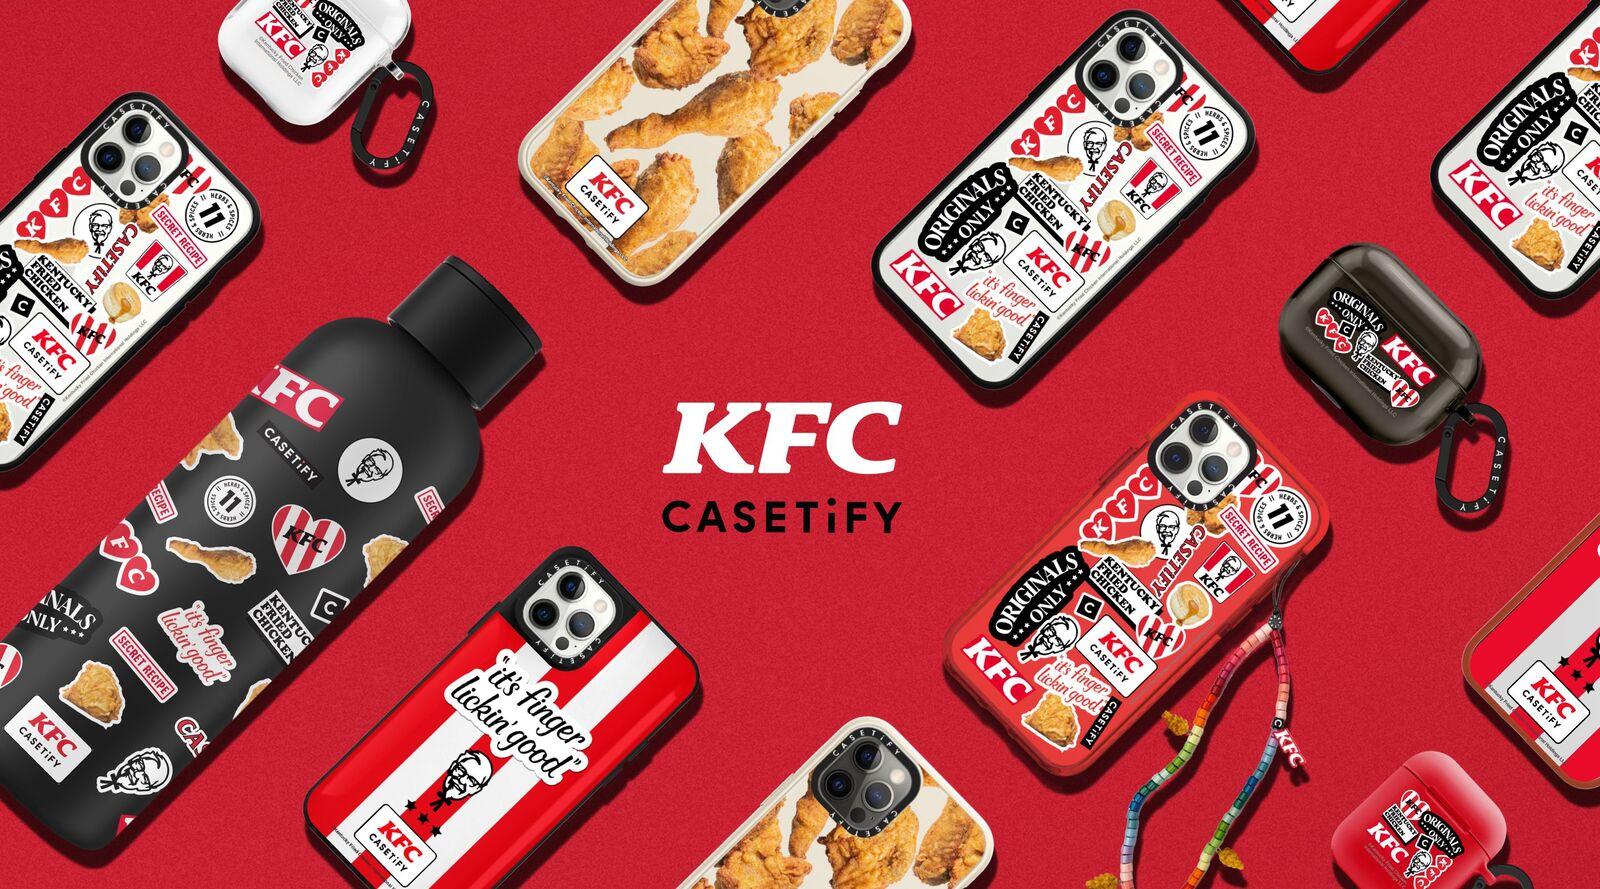 KFC x Casetify